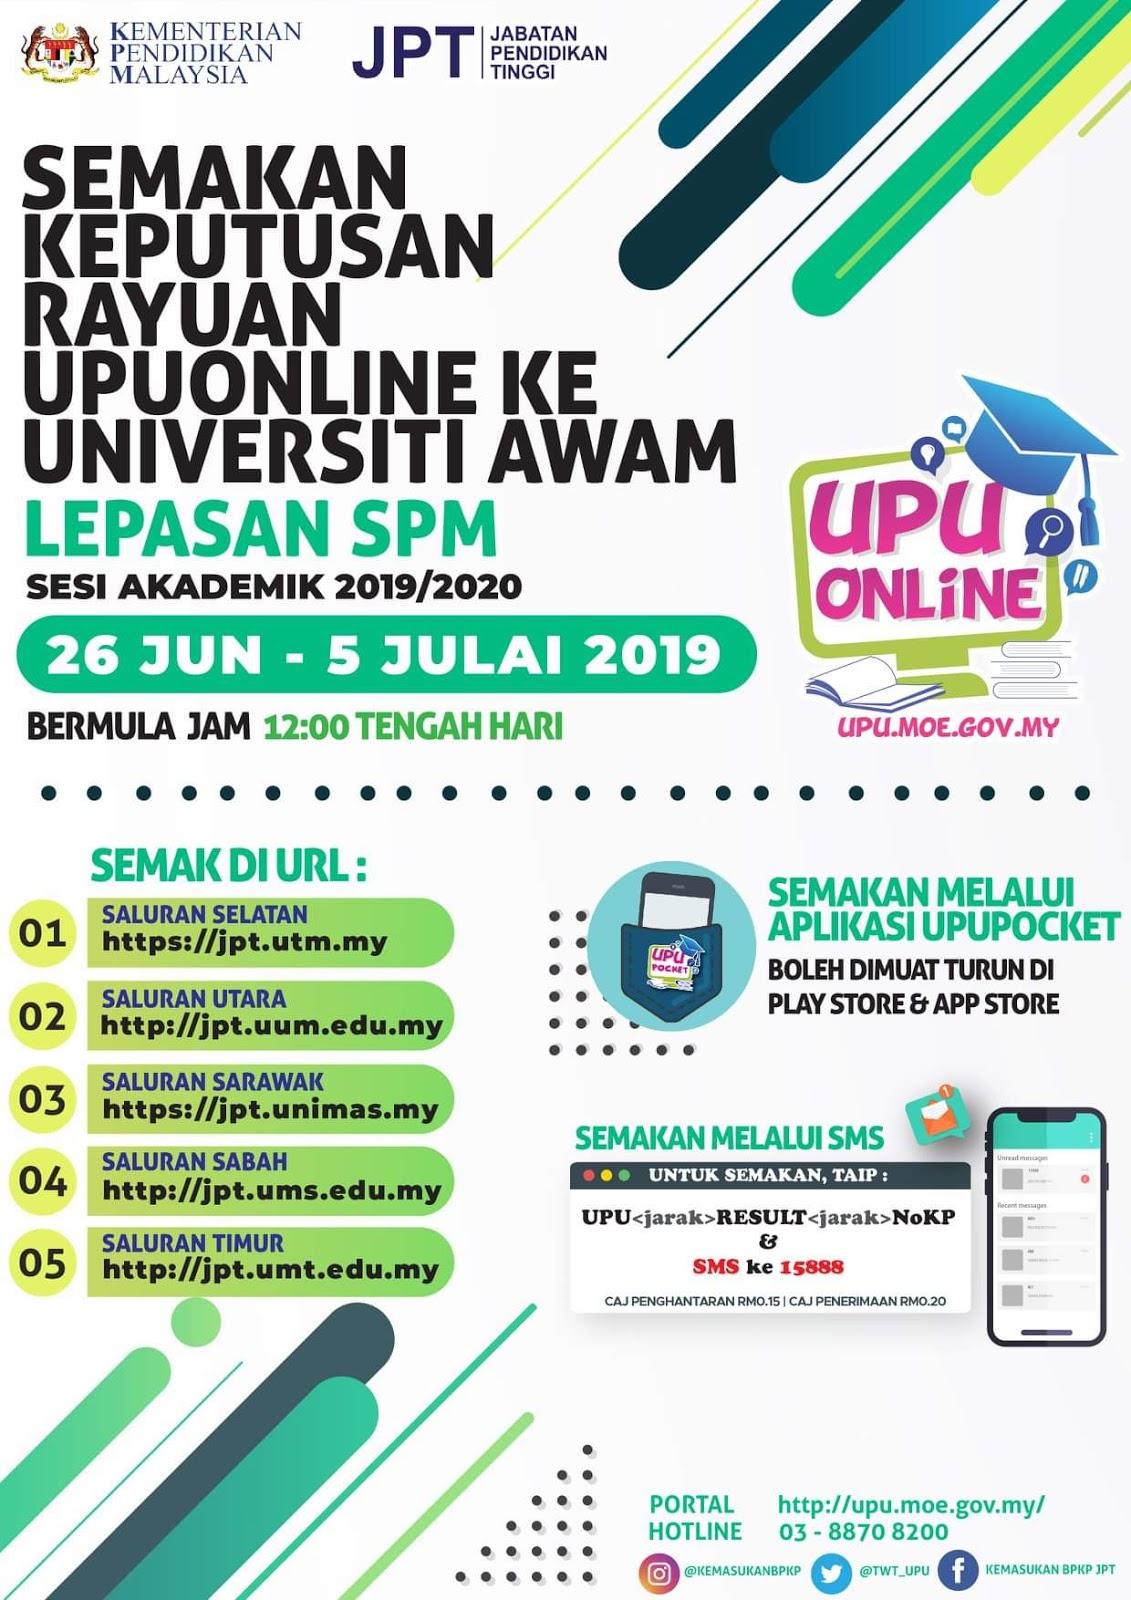 Semakan Keputusan Rayuan Upu 2020 Online Lepasan Spm Stpm Cute766